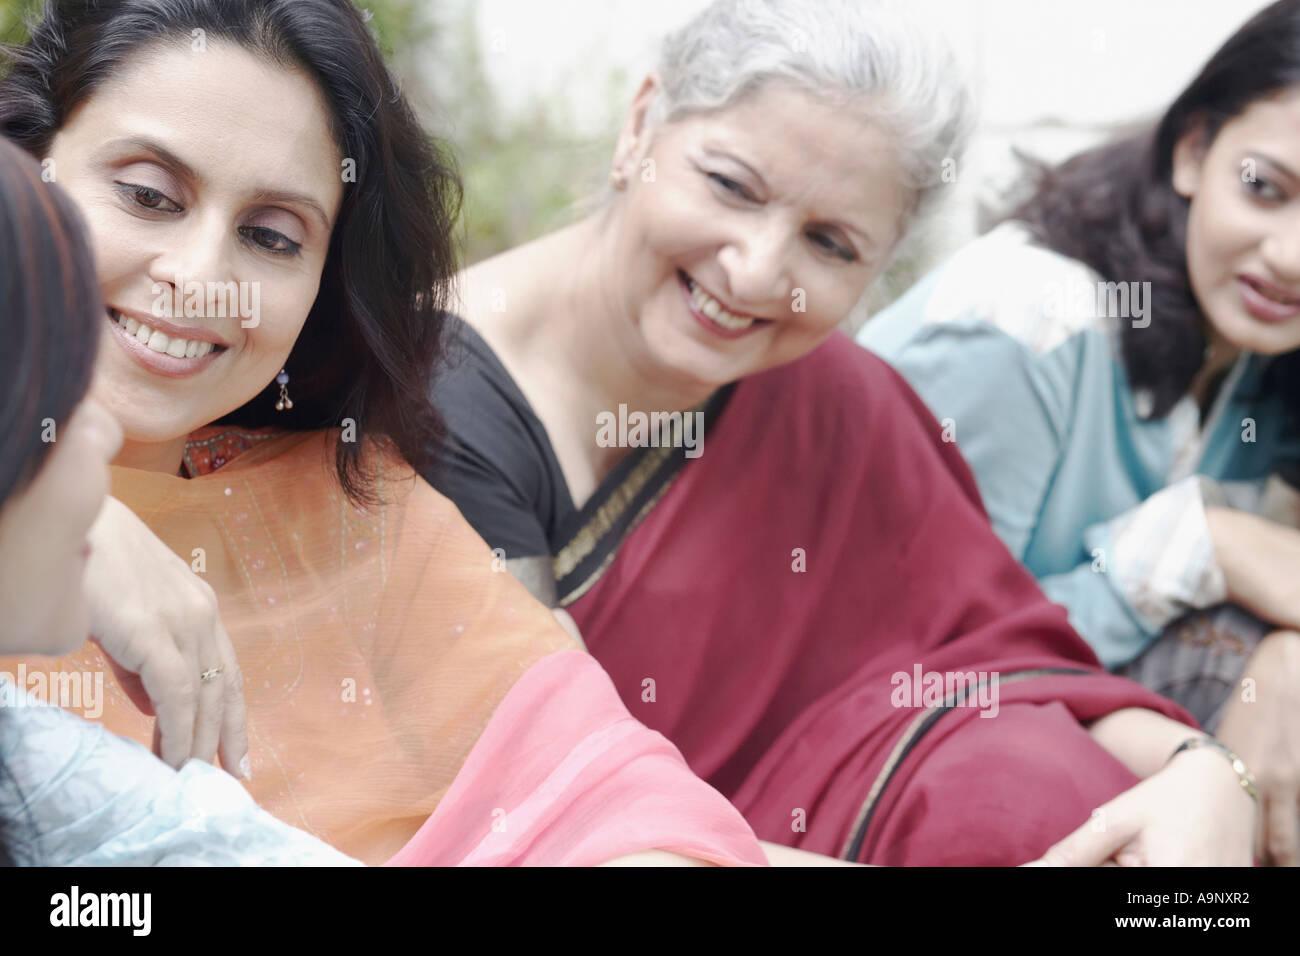 Cuatro mujeres sentados juntos sonriendo Imagen De Stock